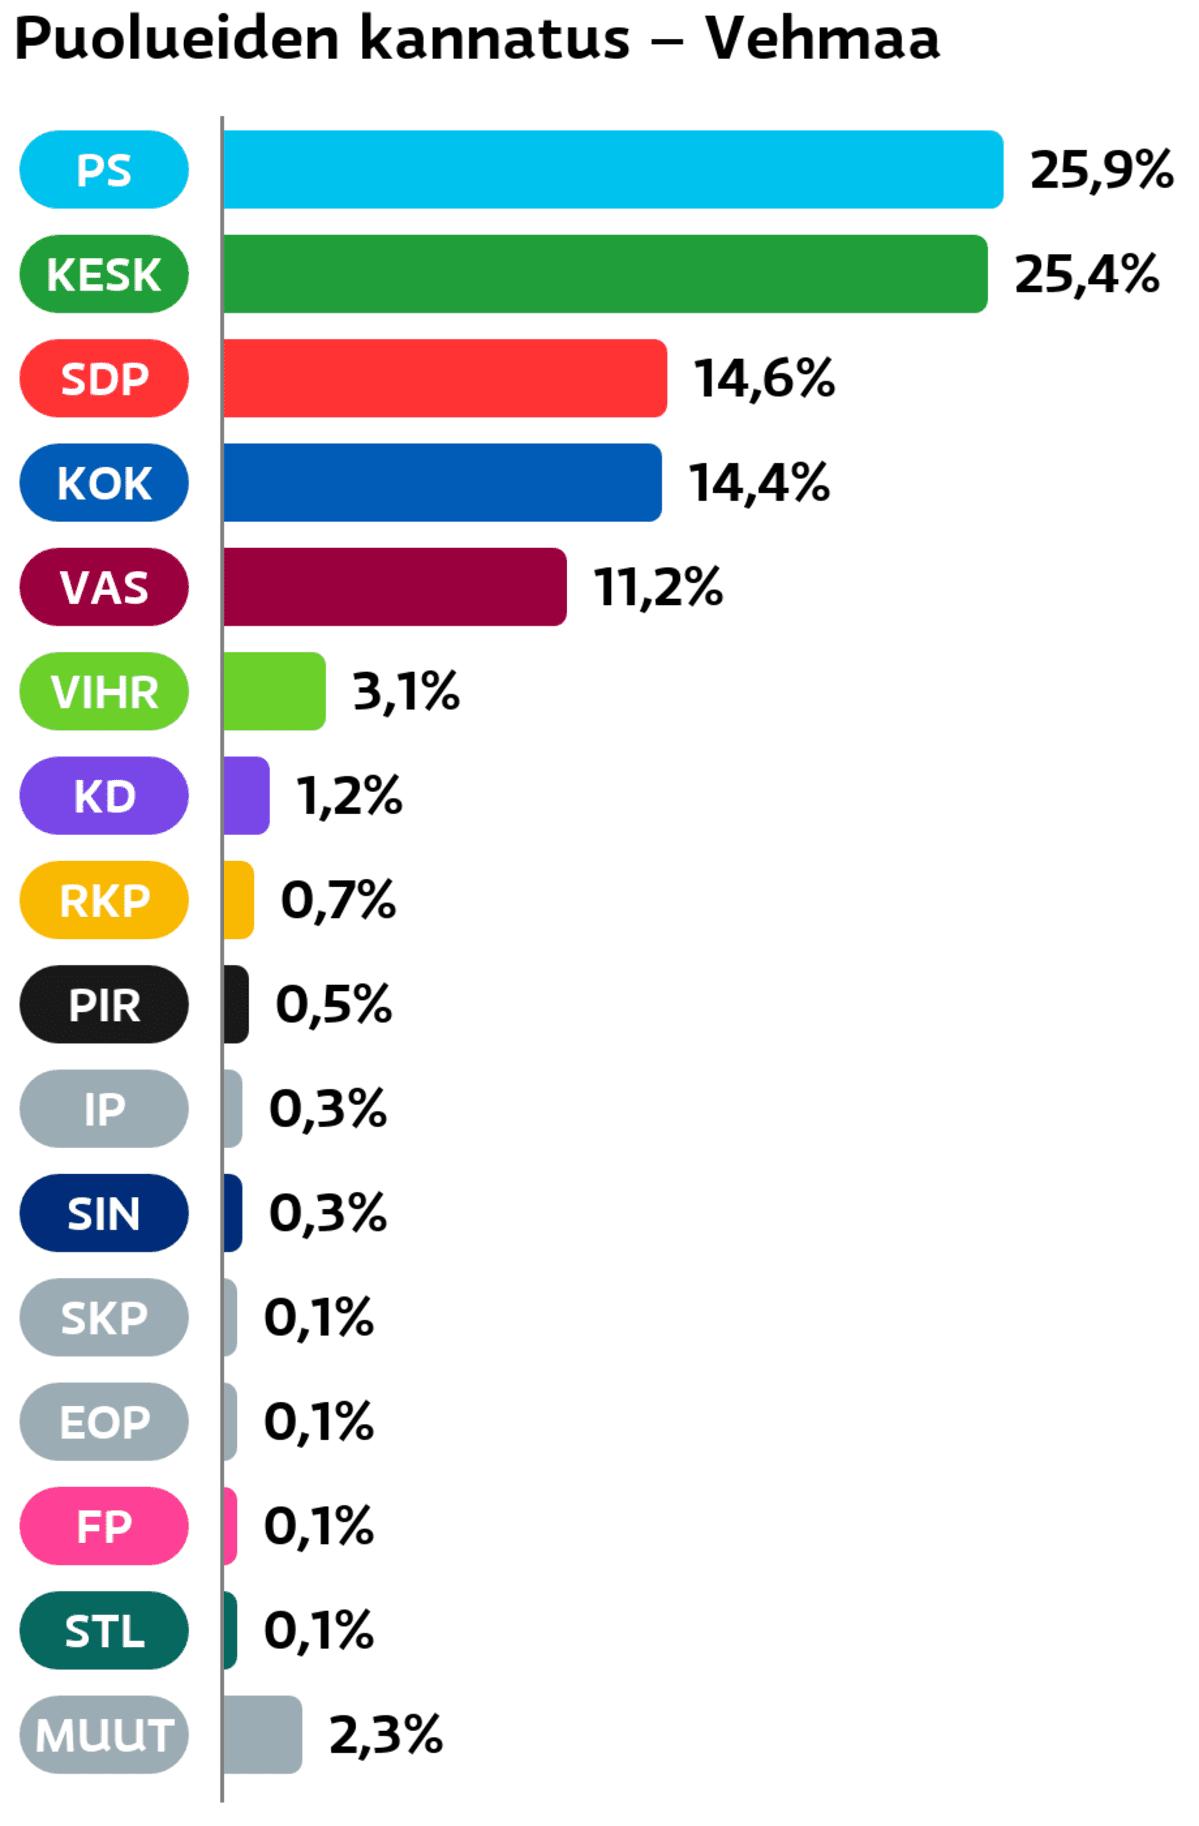 Puolueiden kannatus: Vehmaa Perussuomalaiset: 25,9 prosenttia Keskusta: 25,4 prosenttia SDP: 14,6 prosenttia Kokoomus: 14,4 prosenttia Vasemmistoliitto: 11,2 prosenttia Vihreät: 3,1 prosenttia Suomen Kristillisdemokraatit: 1,2 prosenttia RKP: 0,7 prosenttia Piraattipuolue: 0,5 prosenttia Itsenäisyyspuolue: 0,3 prosenttia Sininen tulevaisuus: 0,3 prosenttia SKP: 0,1 prosenttia Eläinoikeuspuolue: 0,1 prosenttia Feministinen puolue: 0,1 prosenttia Tähtiliike: 0,1 prosenttia Muut ryhmät: 2,3 prosenttia